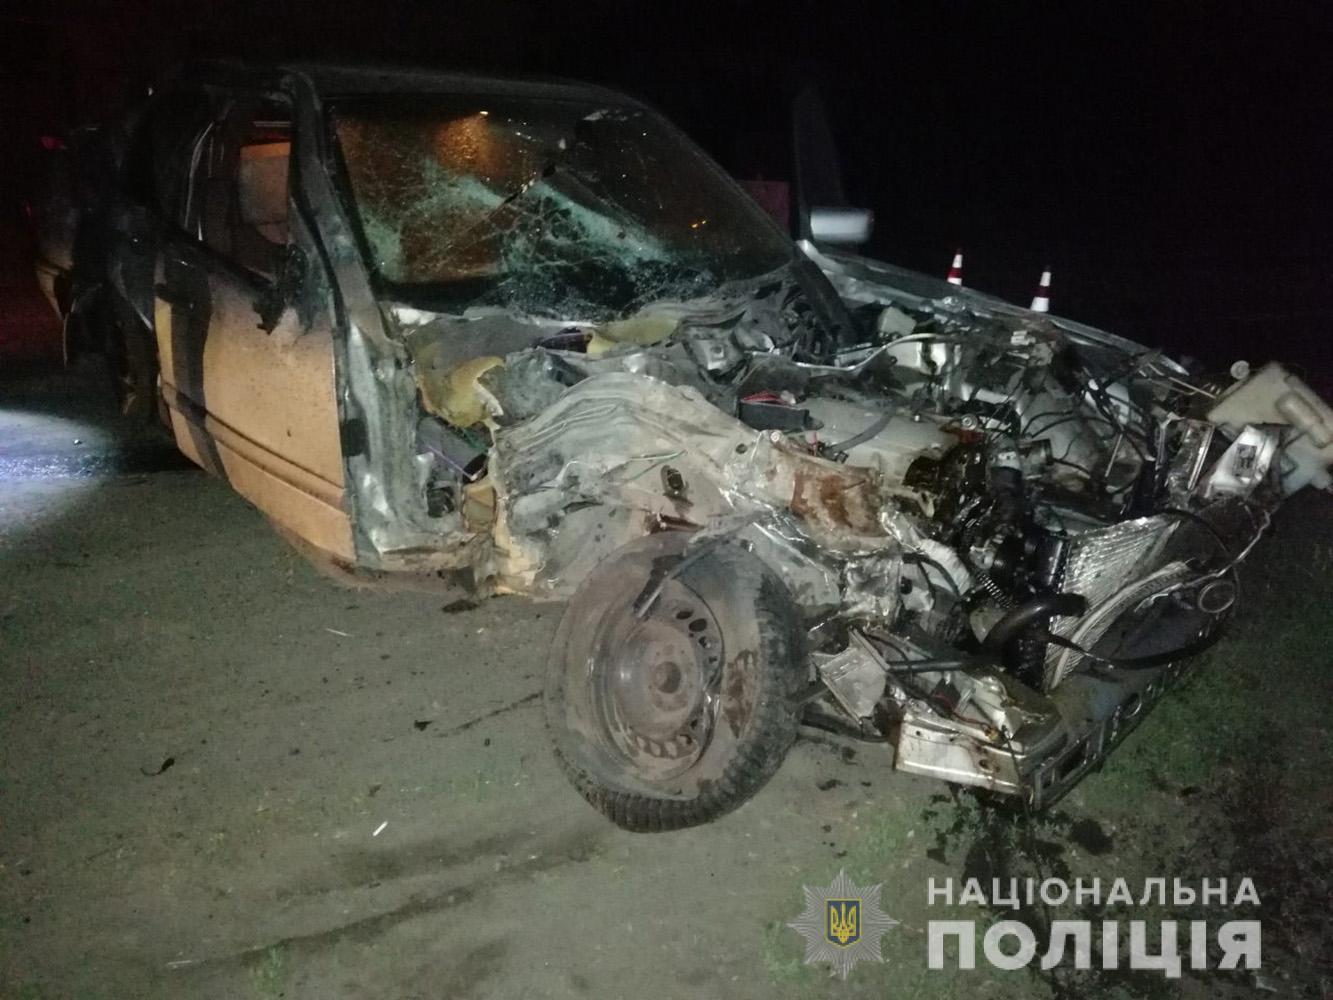 На запорізькій трасі в результаті зіткнення авто «Mercedes-Benz» з вантажівкою помер водій: поліція розшукує свідків (Фото)